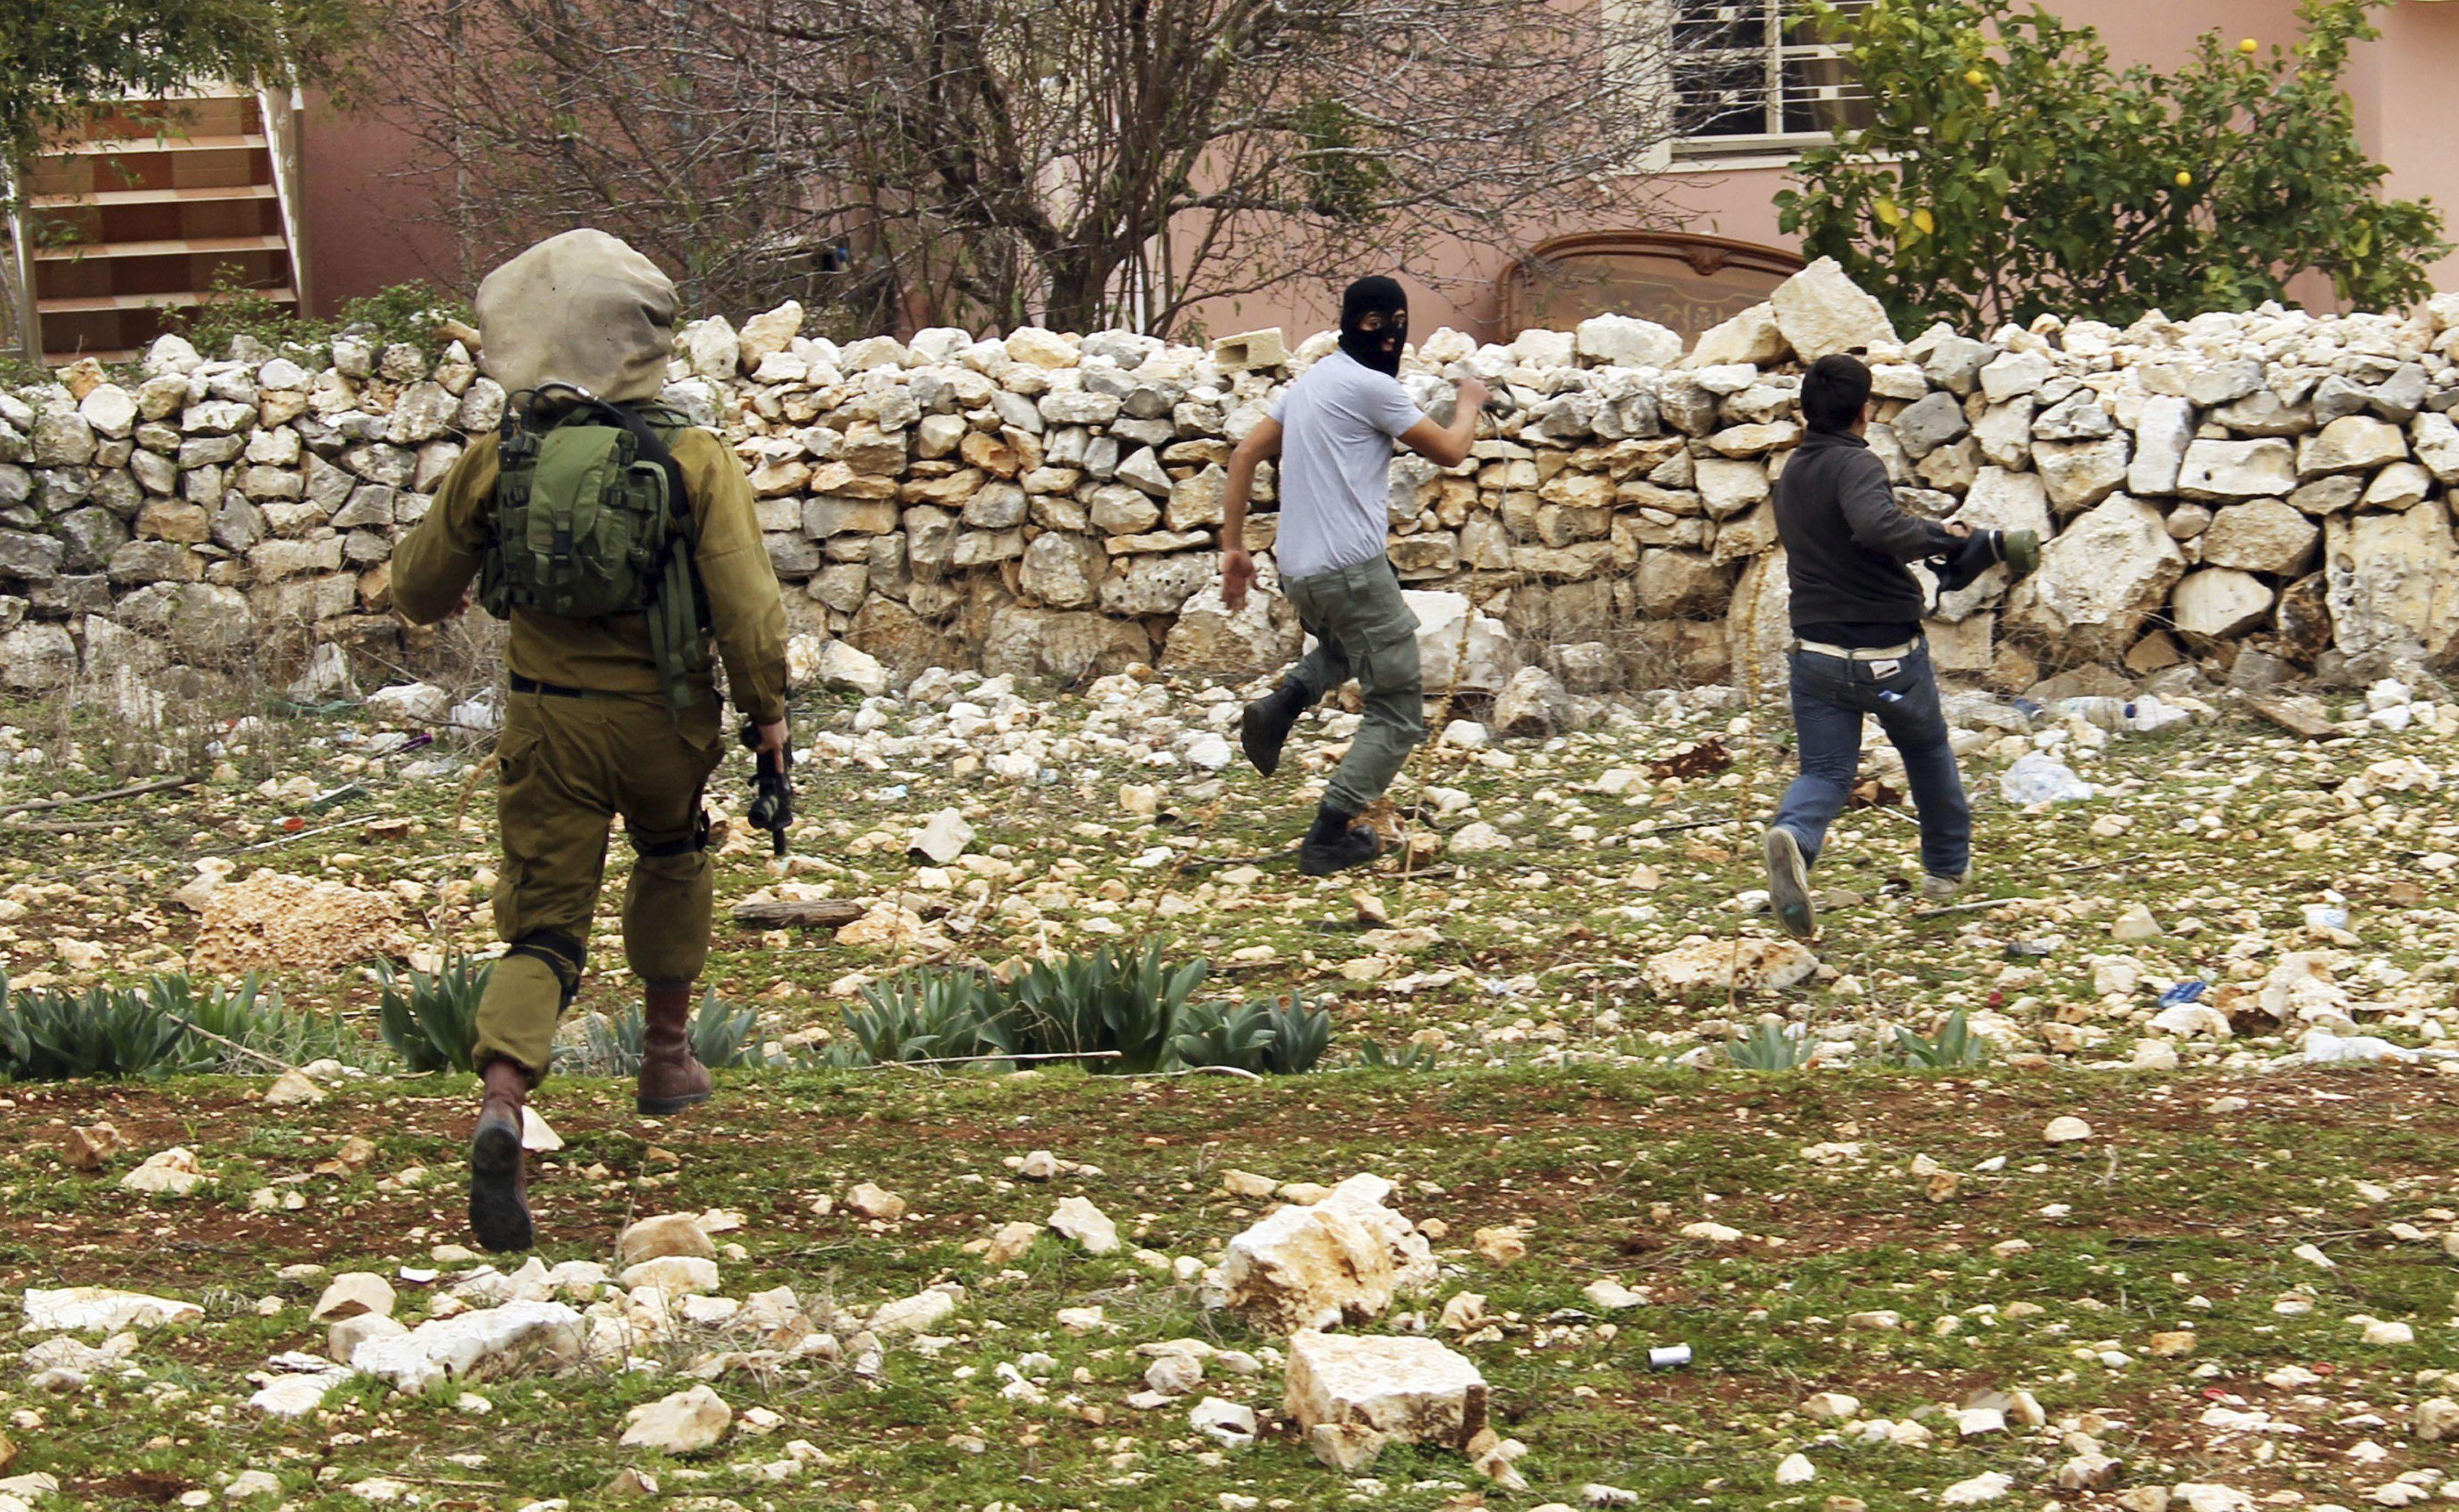 El ministro de Finanzas israelí suspende las partidas a asentamientos de Cisjordania